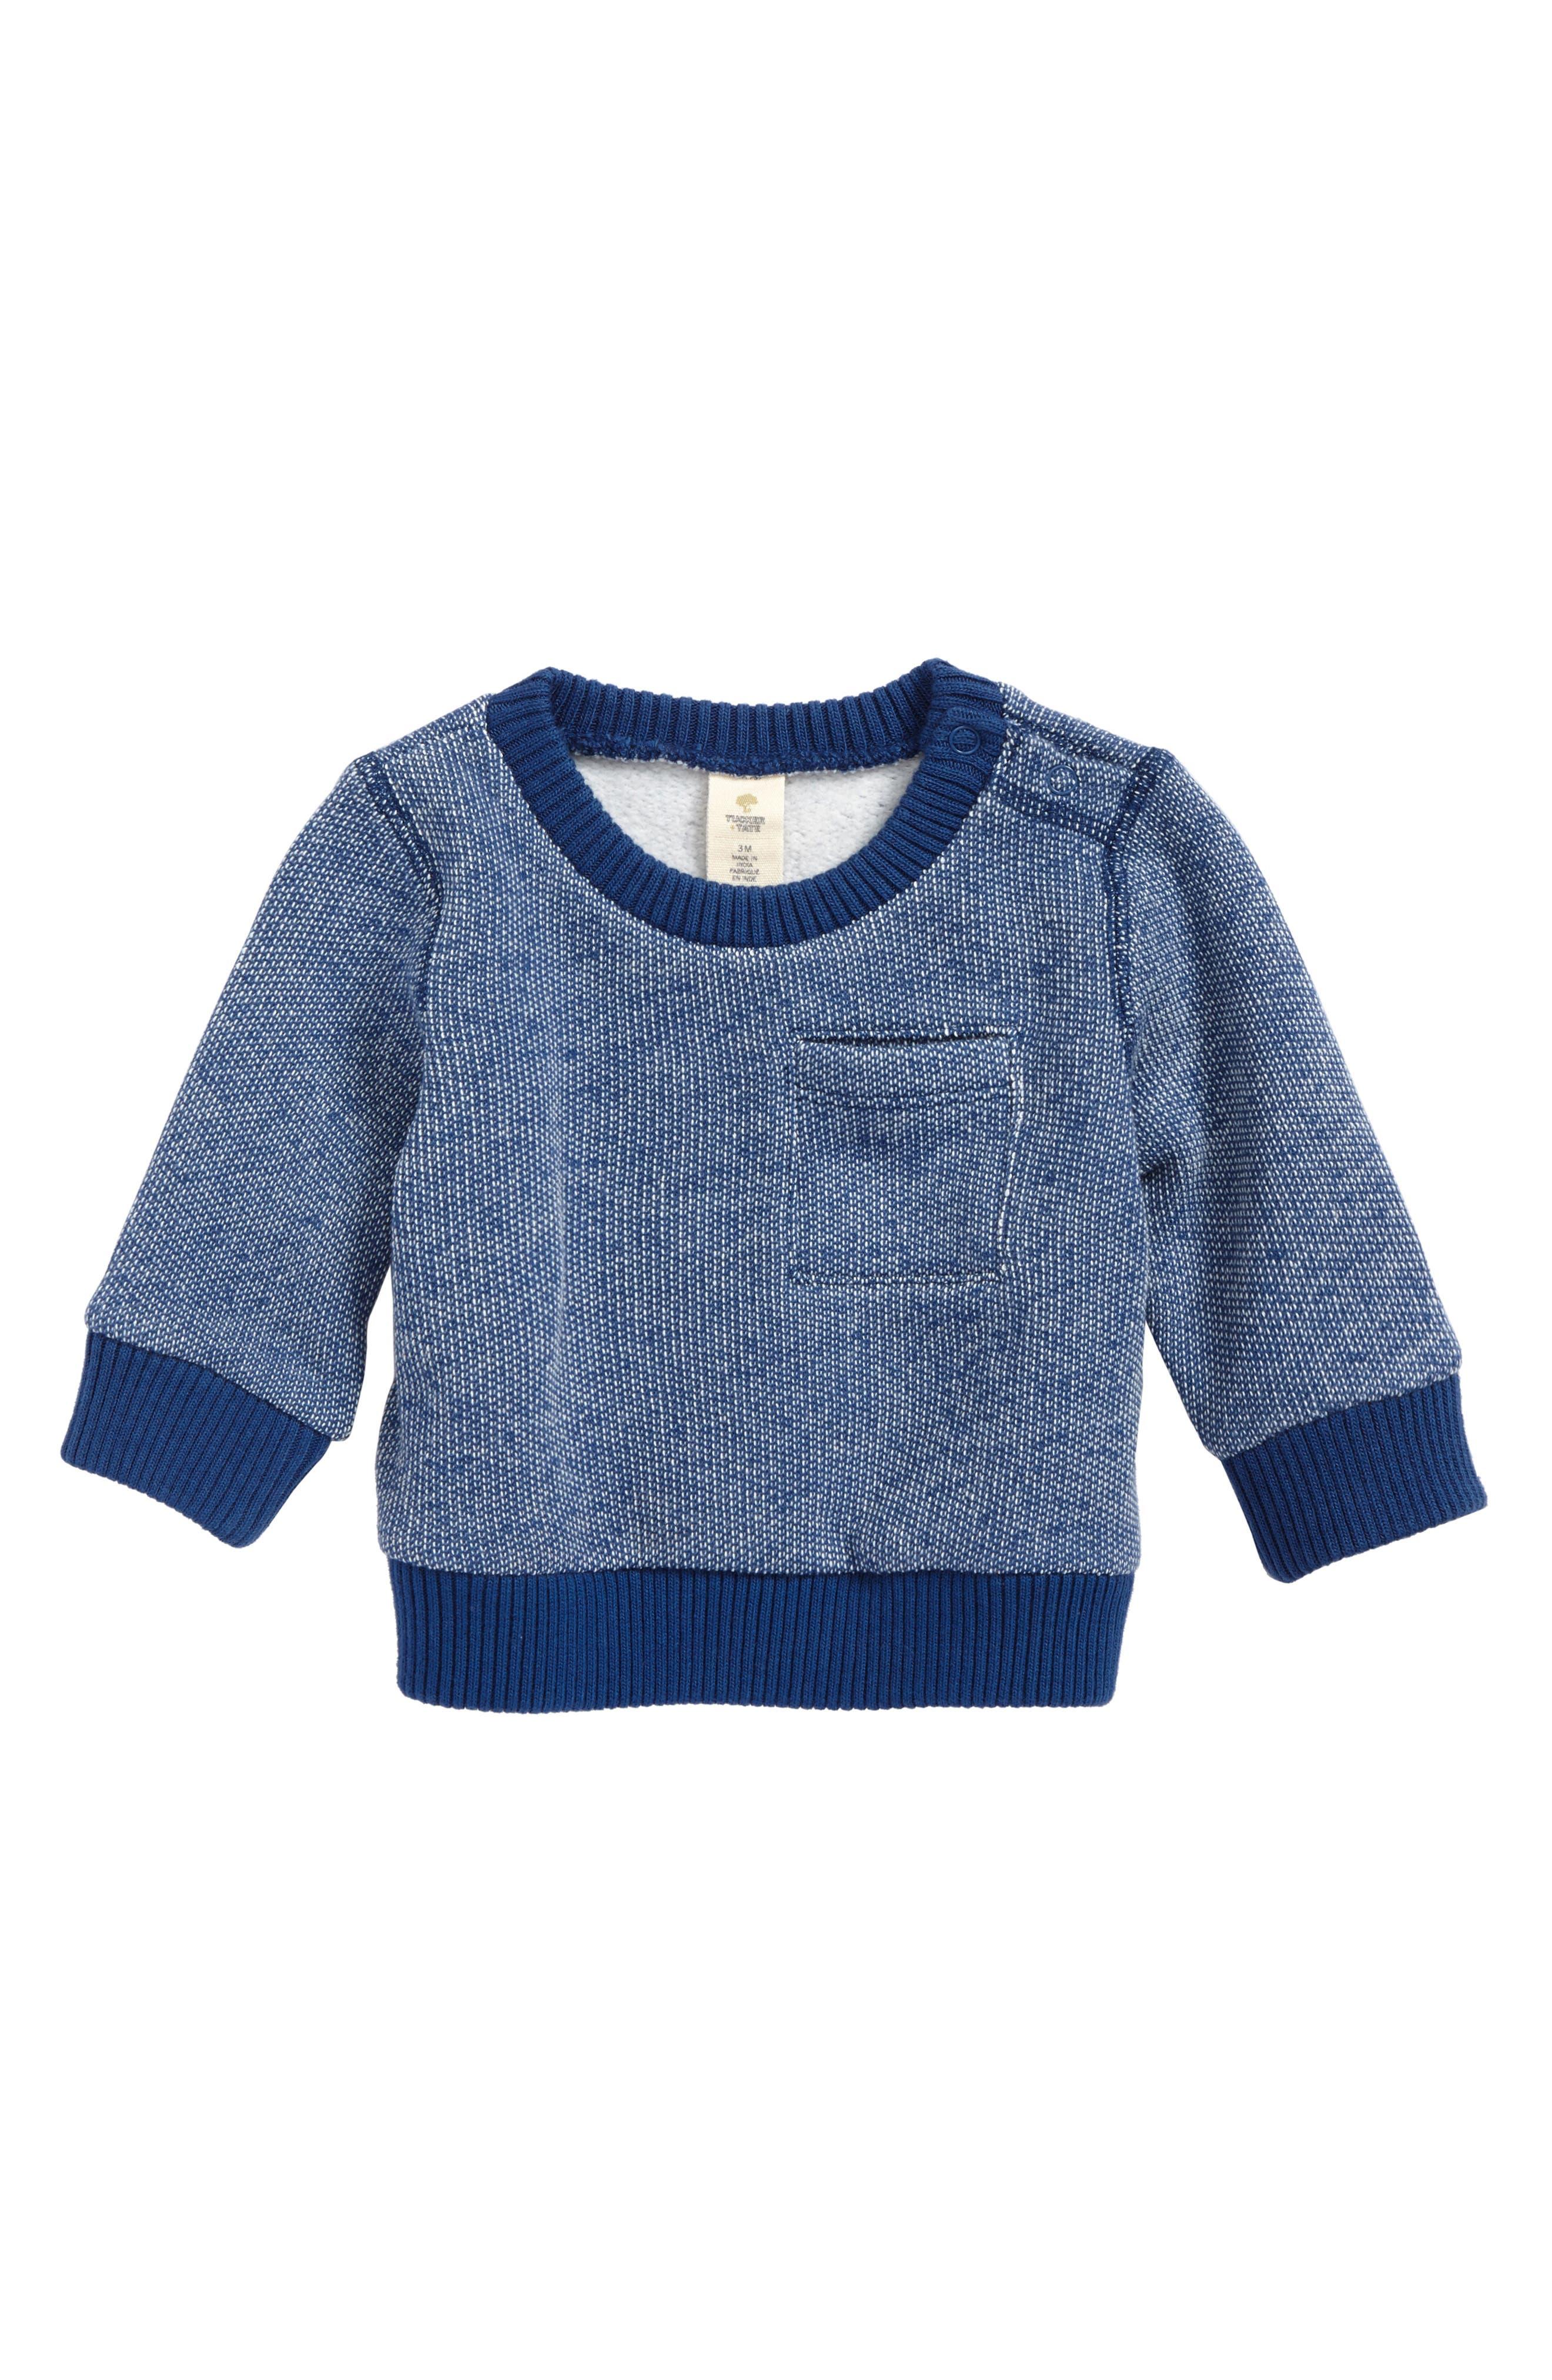 Brushed Fleece Sweatshirt,                         Main,                         color, 450